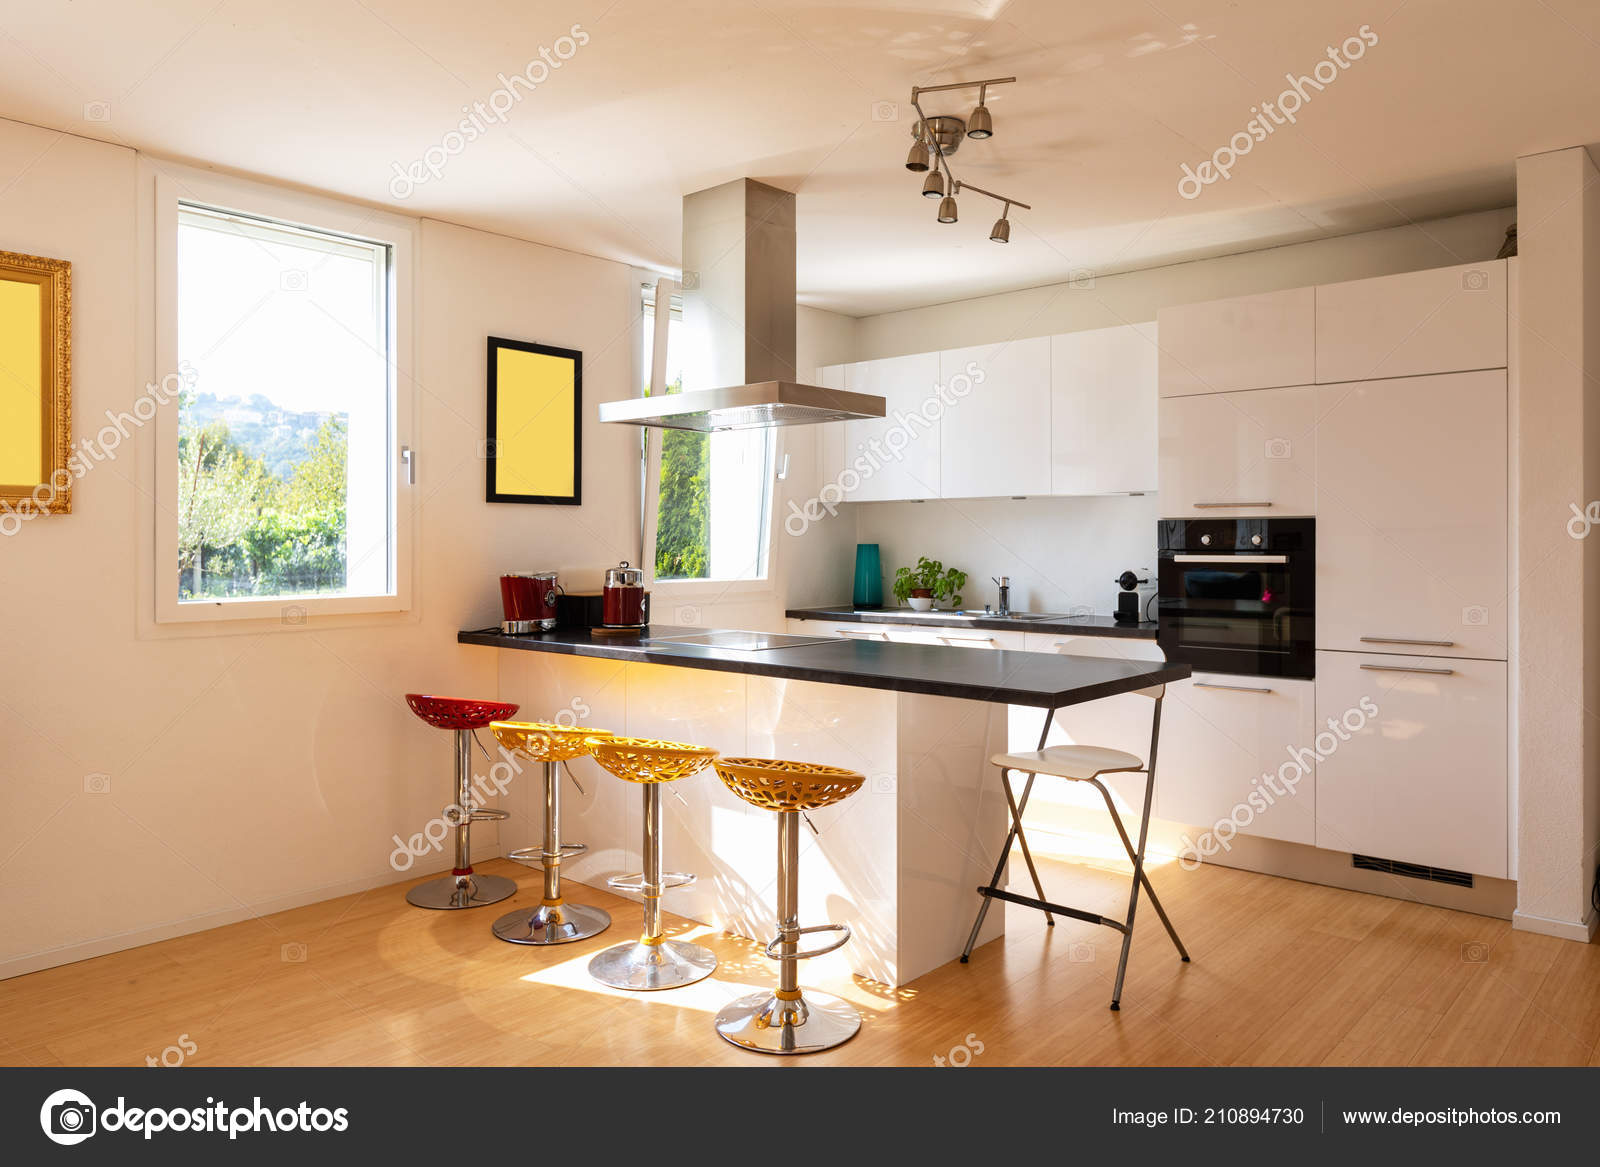 Modernes Apartment Mit Insel Und Hocker Küche Niemand Inneren ...